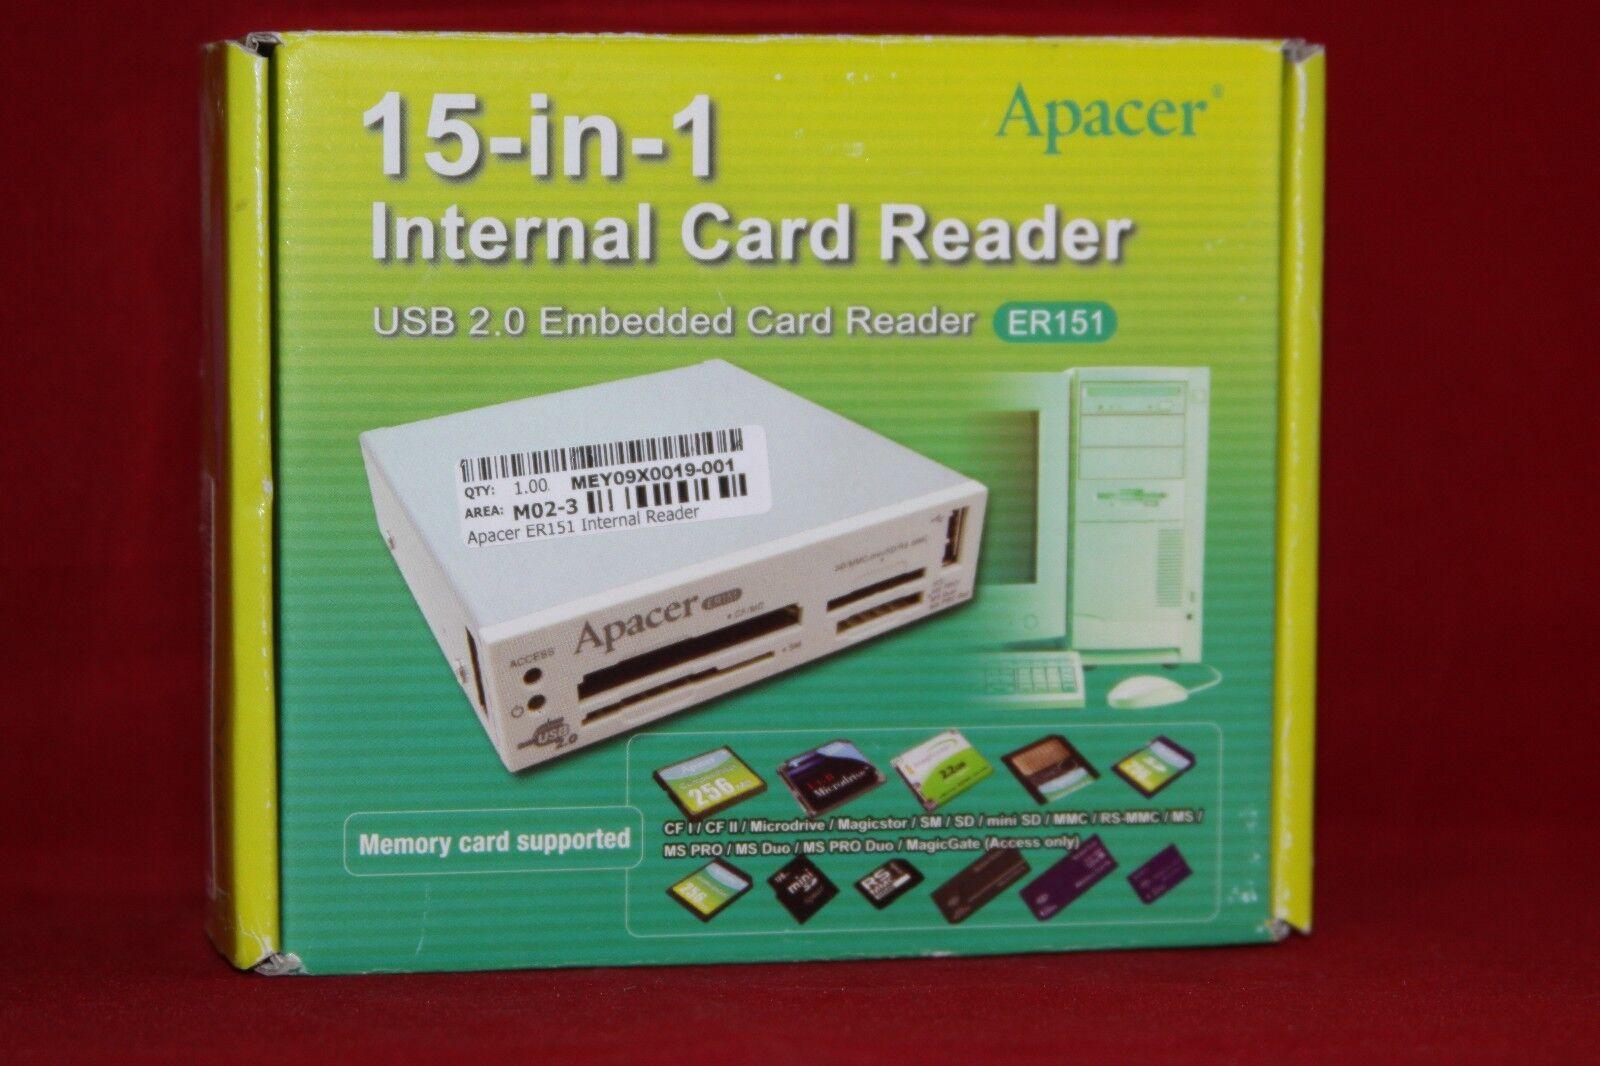 APACER EMBEDDED CARD READER ER151 DRIVER FOR WINDOWS 10